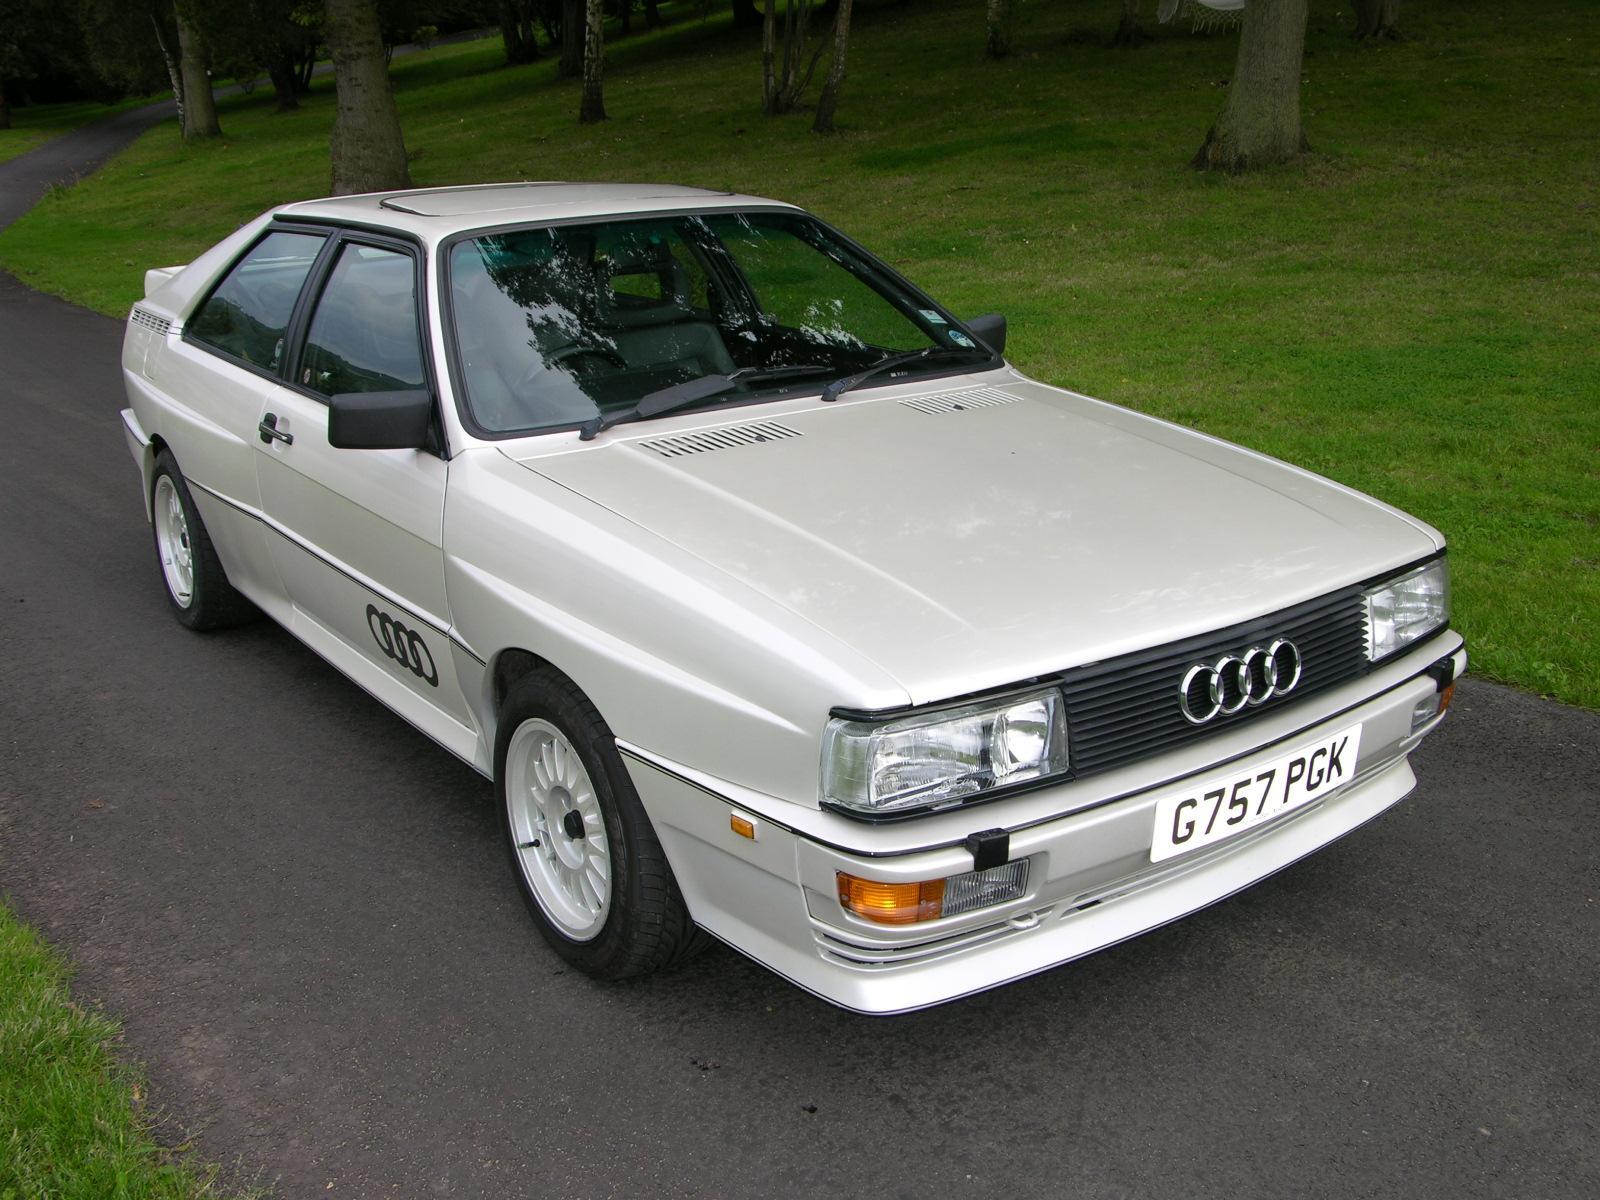 Audi-Quattro-MB-6